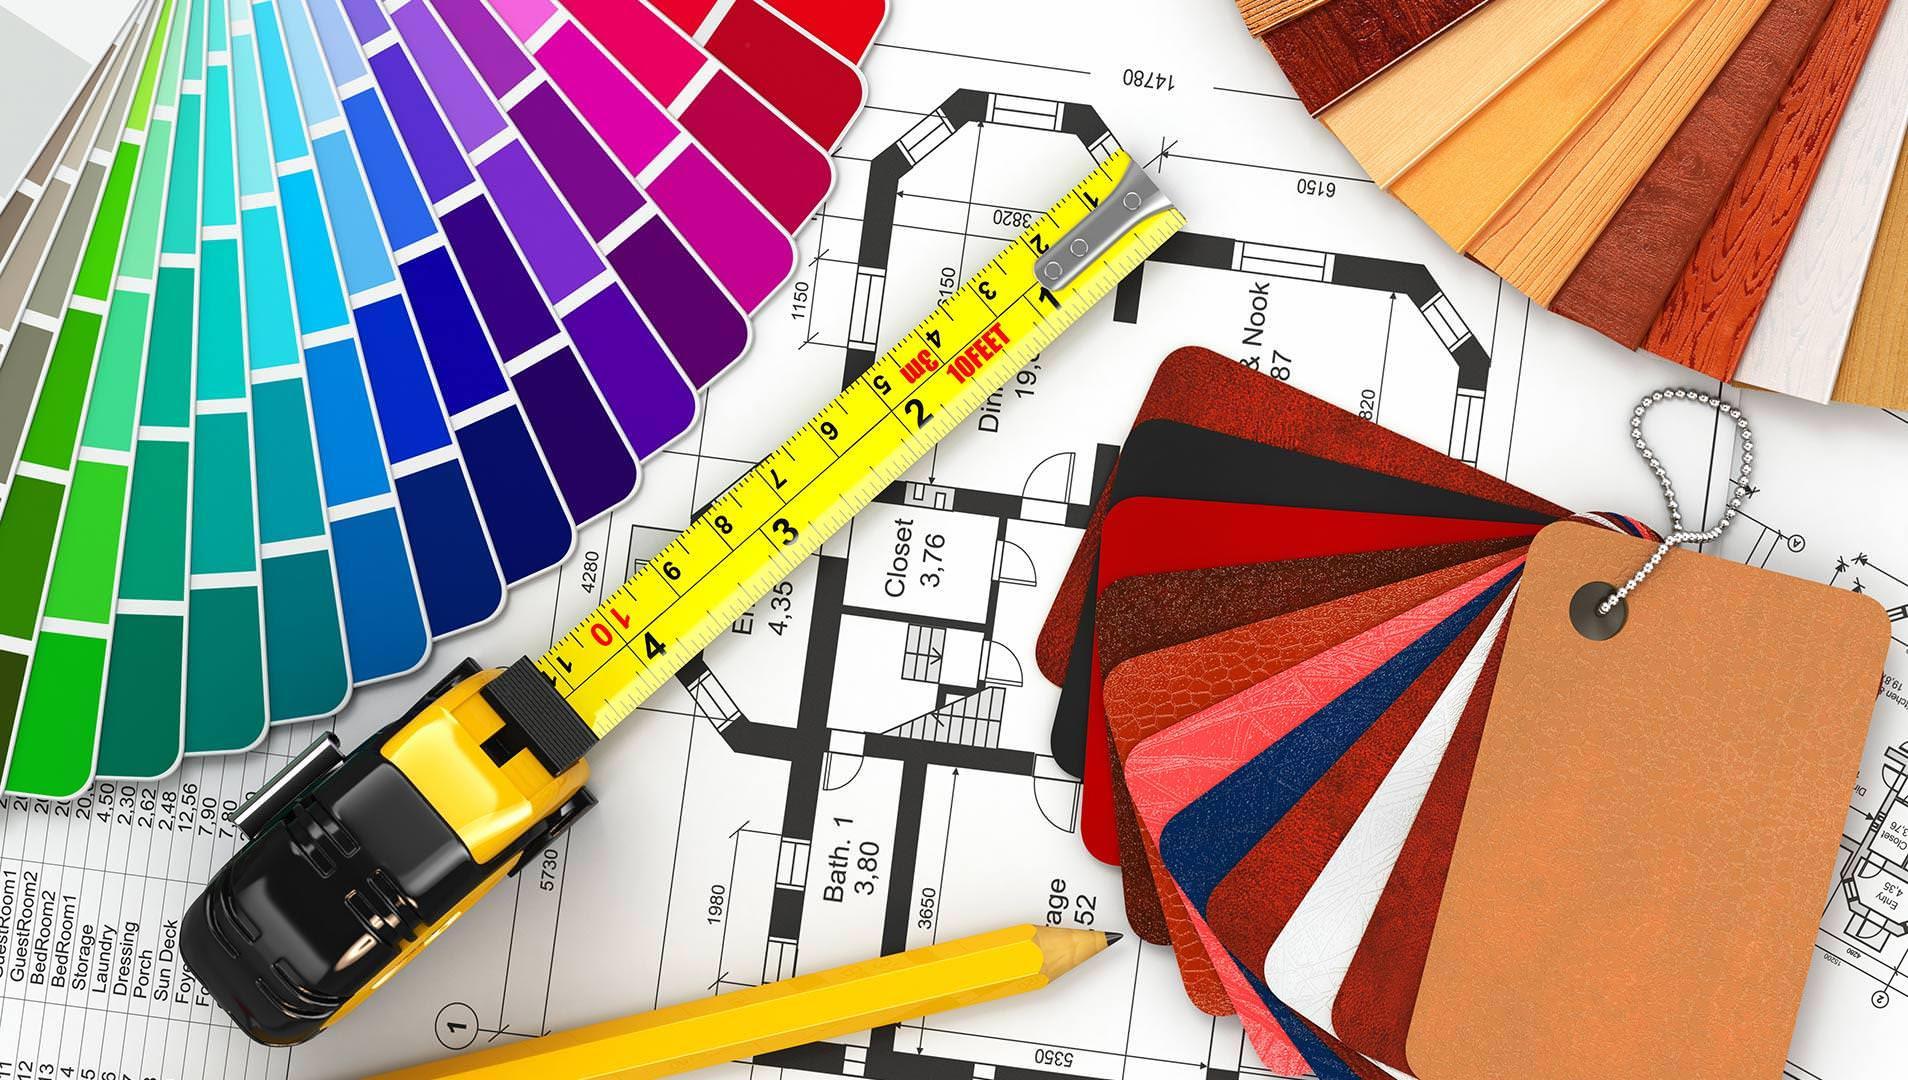 interiordesign_22832920_cropped